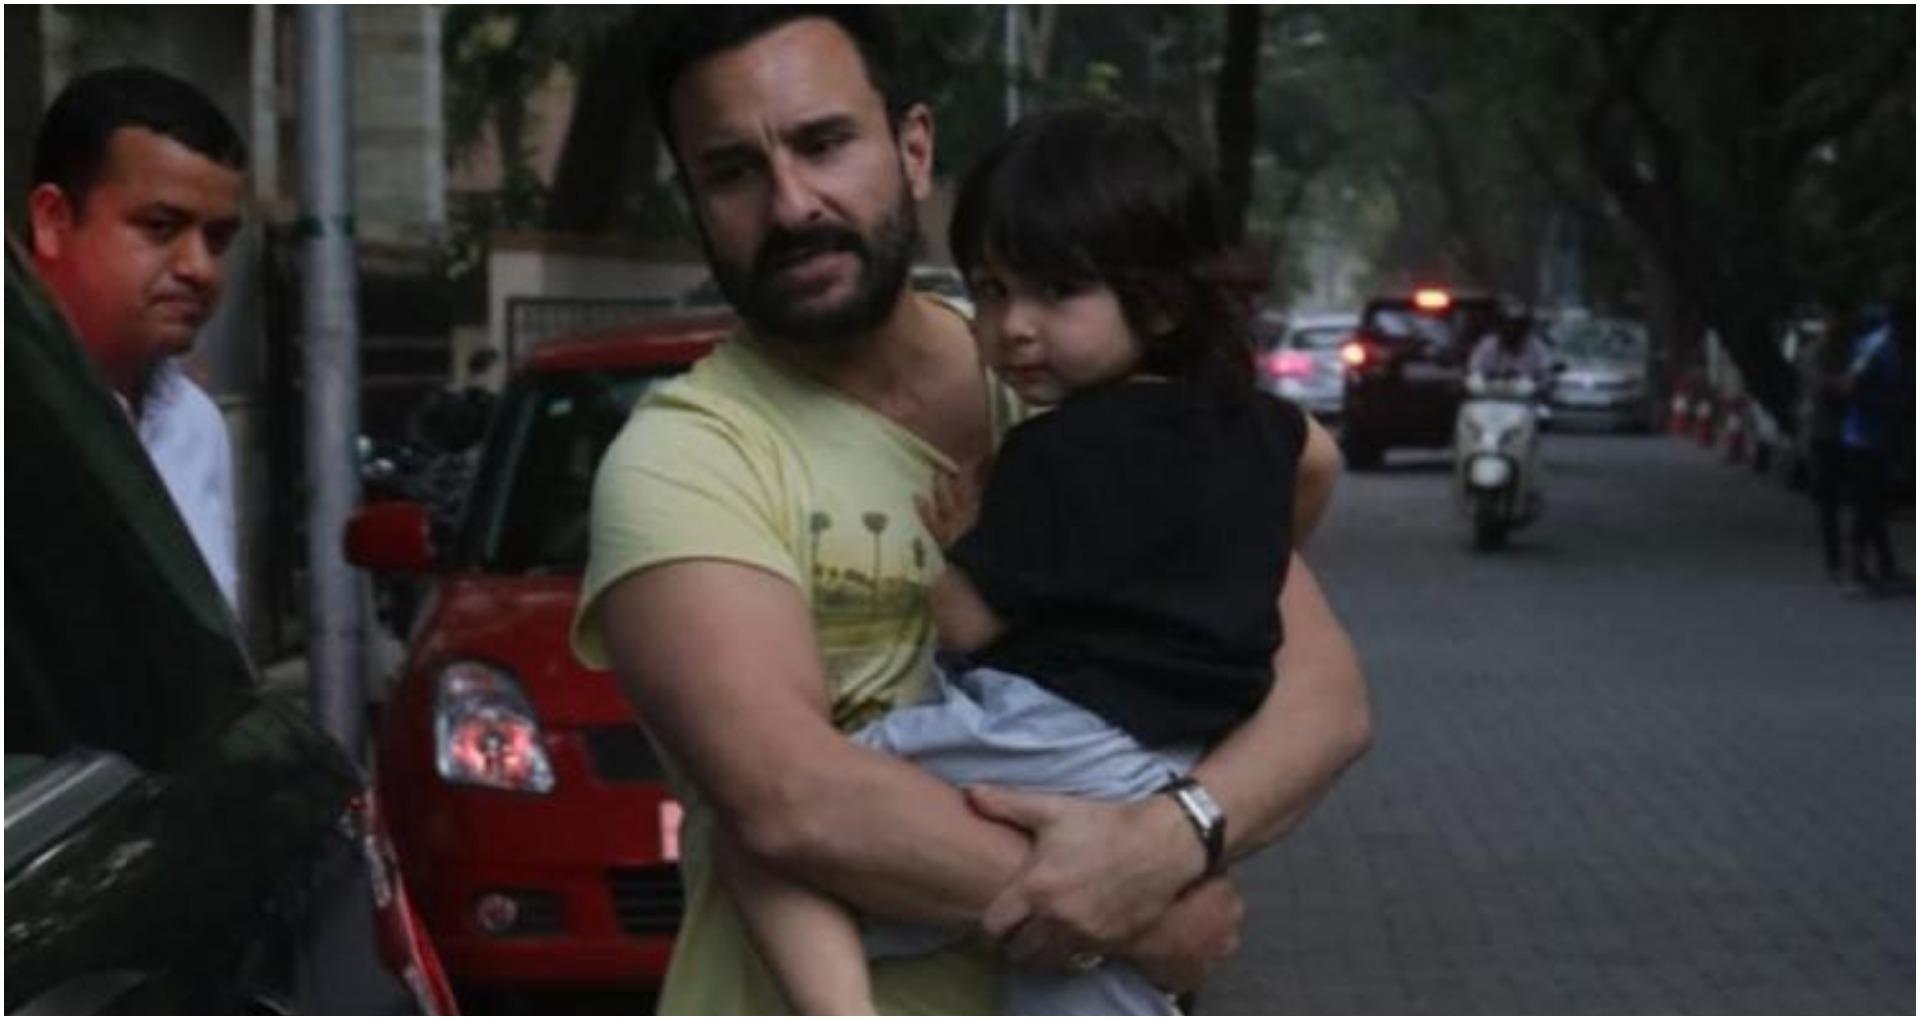 सैफ अली खान और तैमूर अली खान की तस्वीर (फोटो: इंस्टाग्राम)